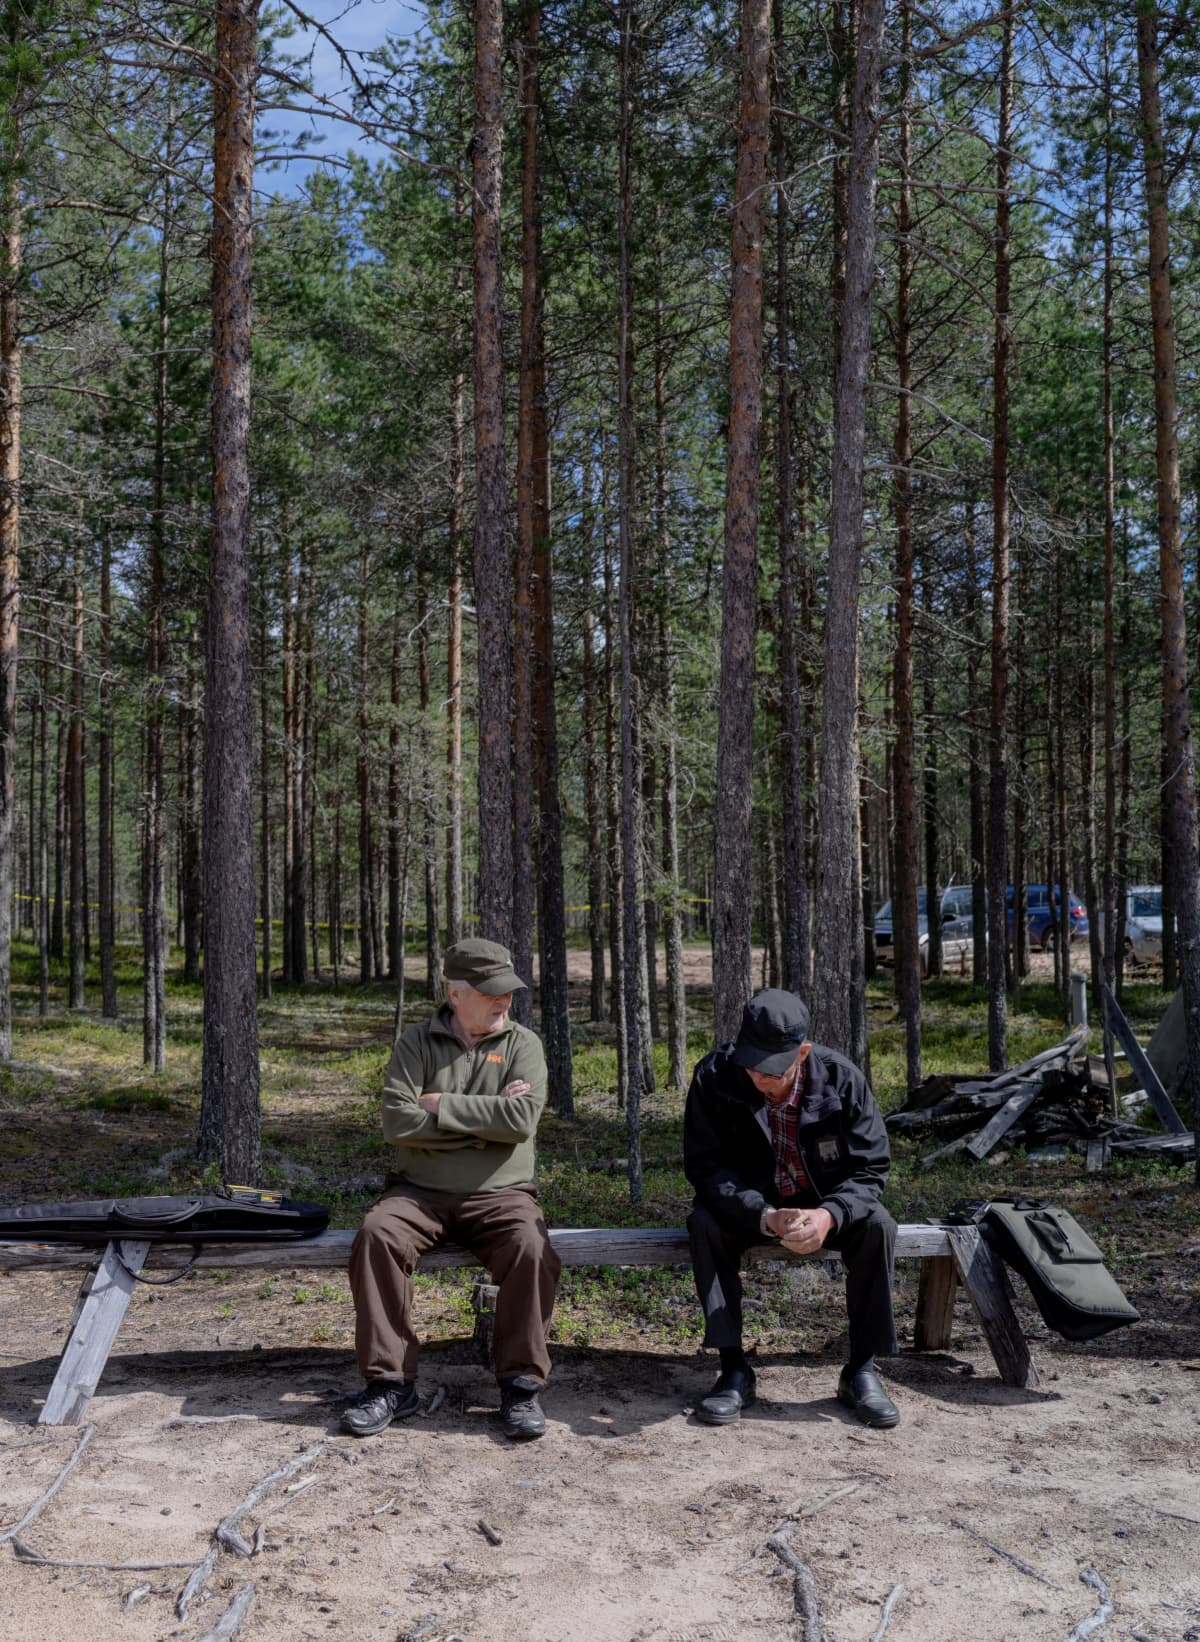 Metsästys on valtaosin vanhempien miesten harrastus edelleen